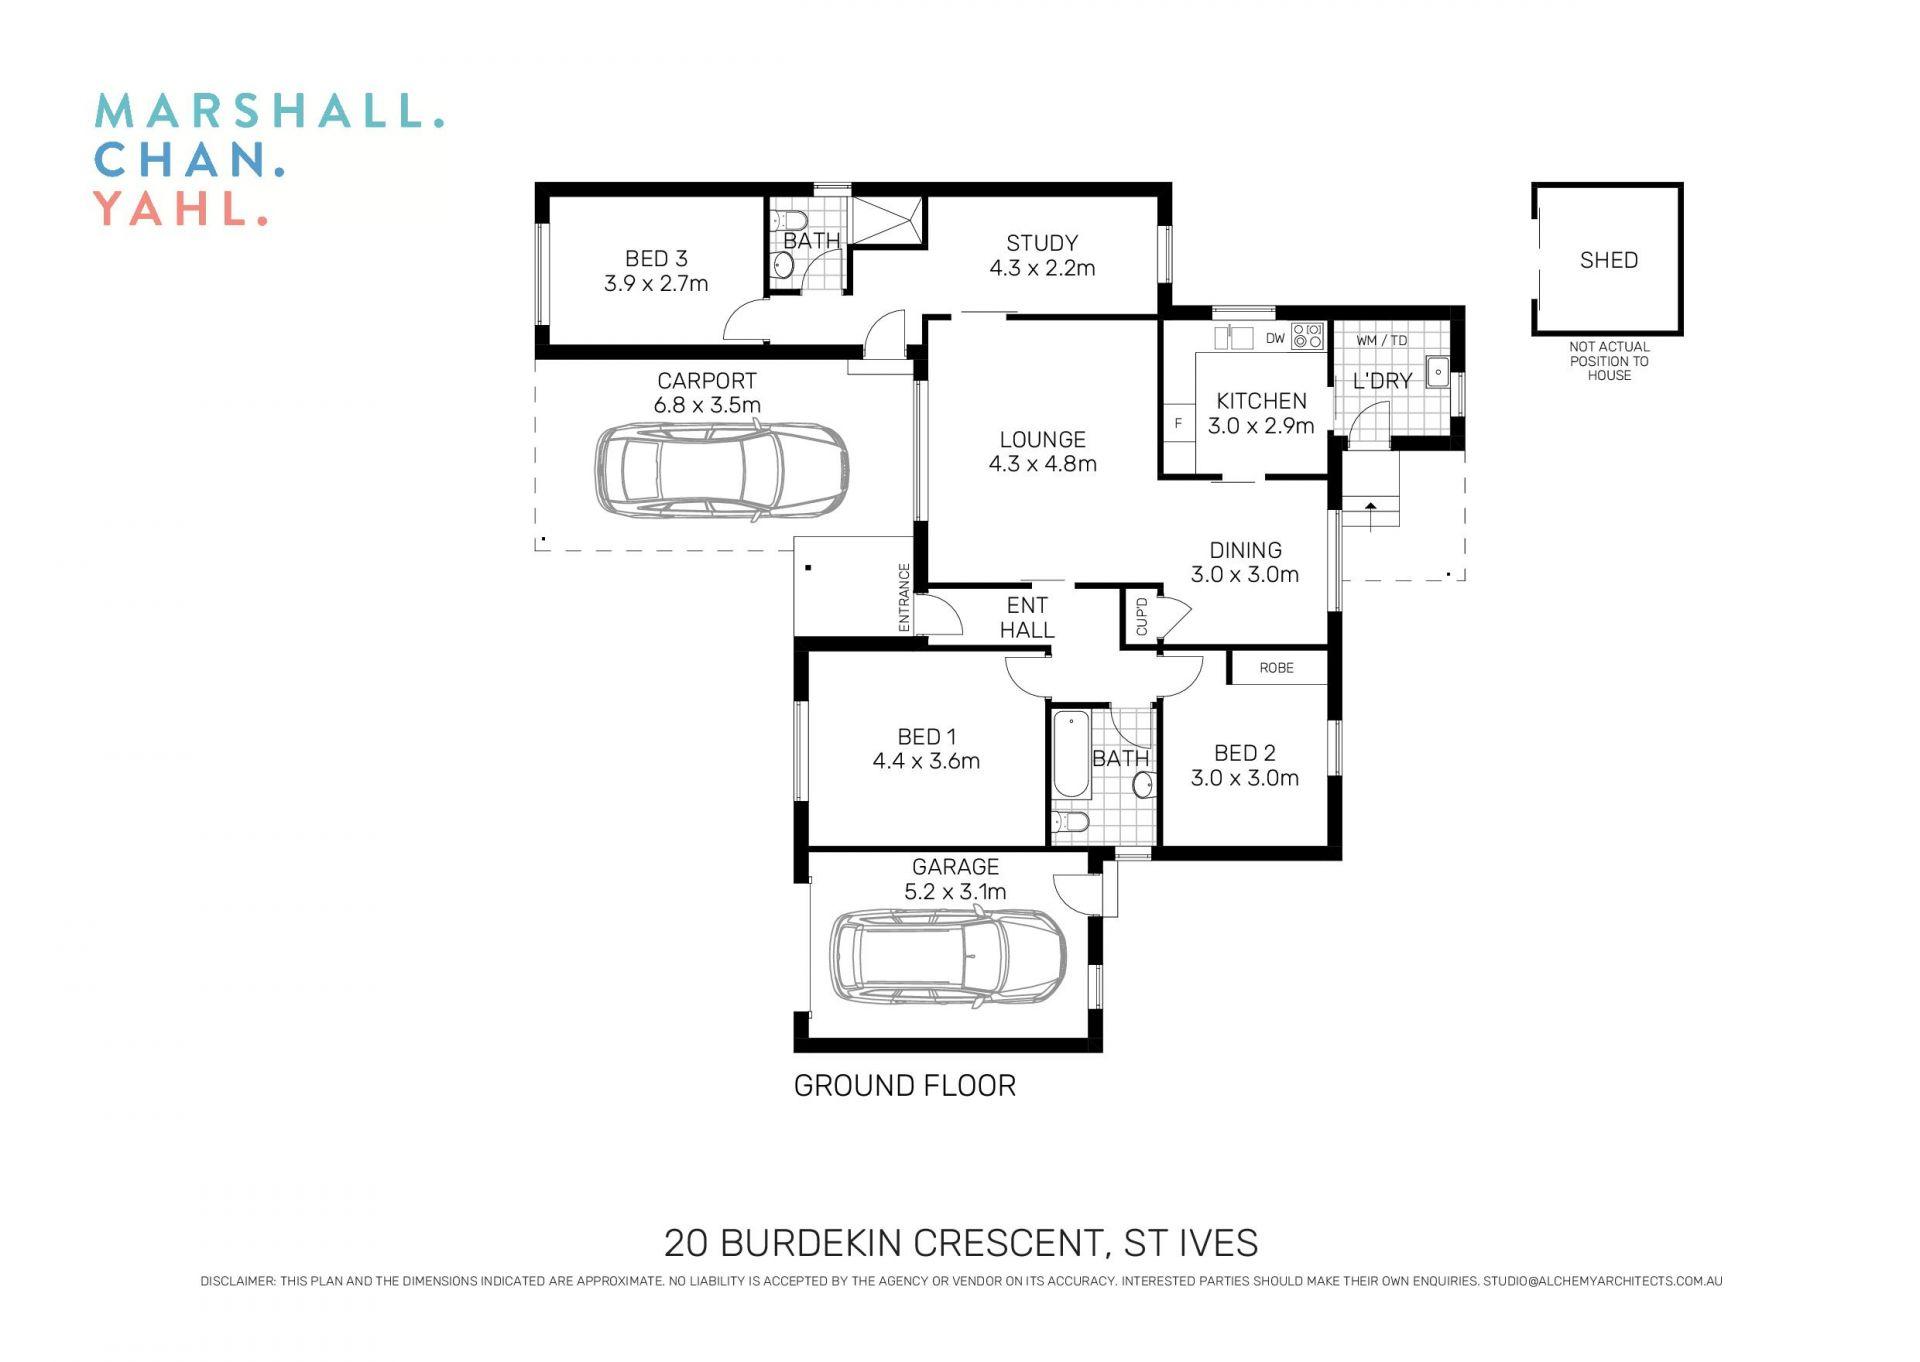 20 Burdekin Crescent St Ives 2075